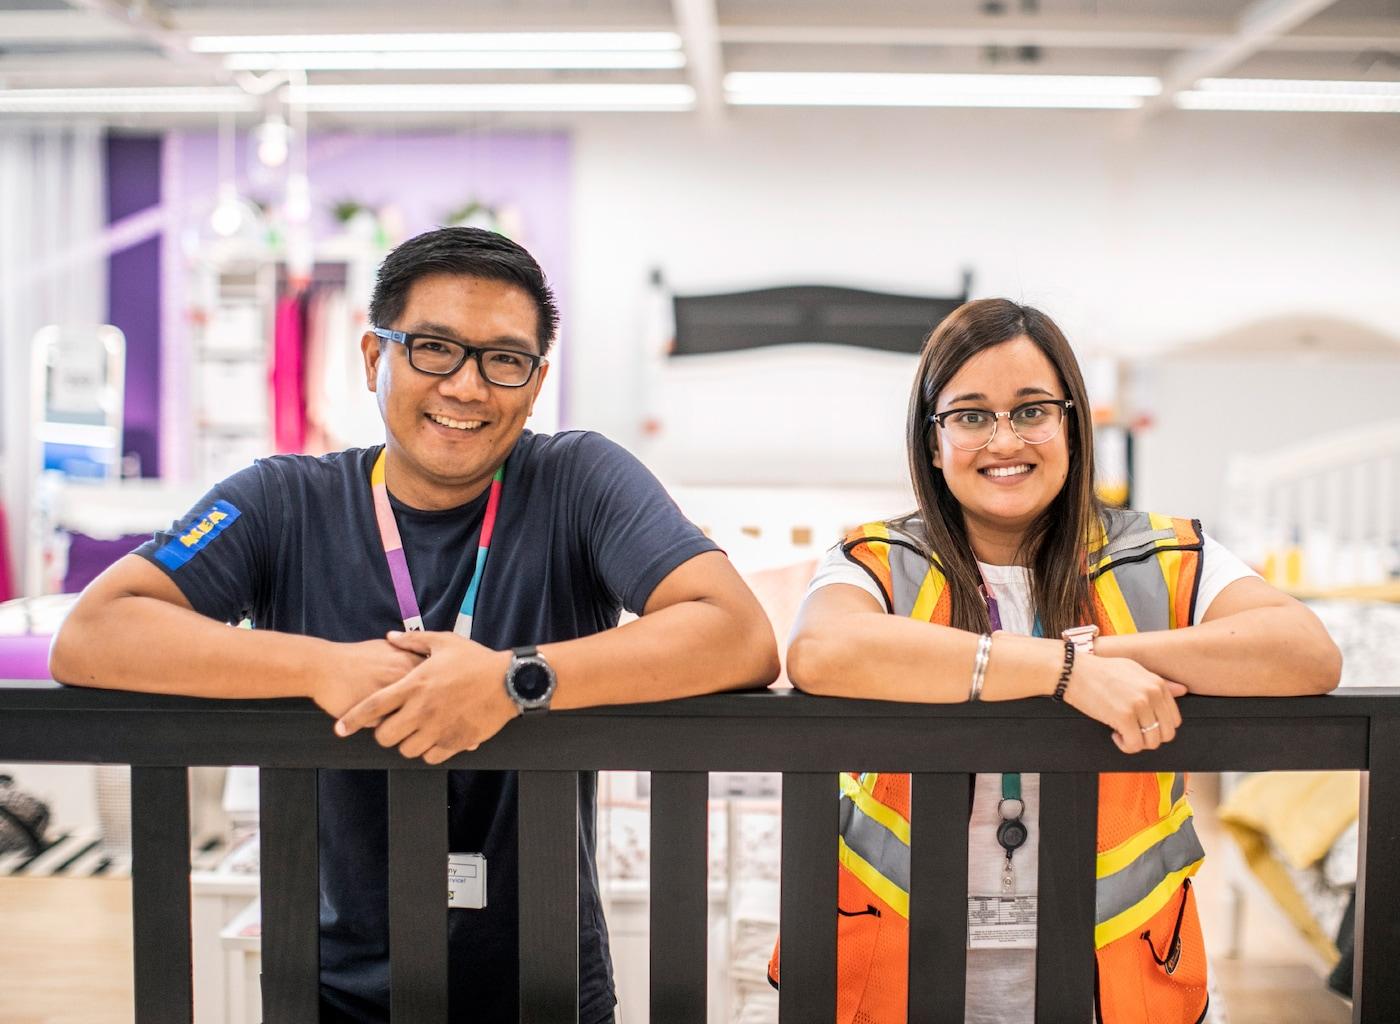 Dos colaboradores de IKEA apoyados sobre un marco de madera. Ambos llevan colgantes y sonríen.